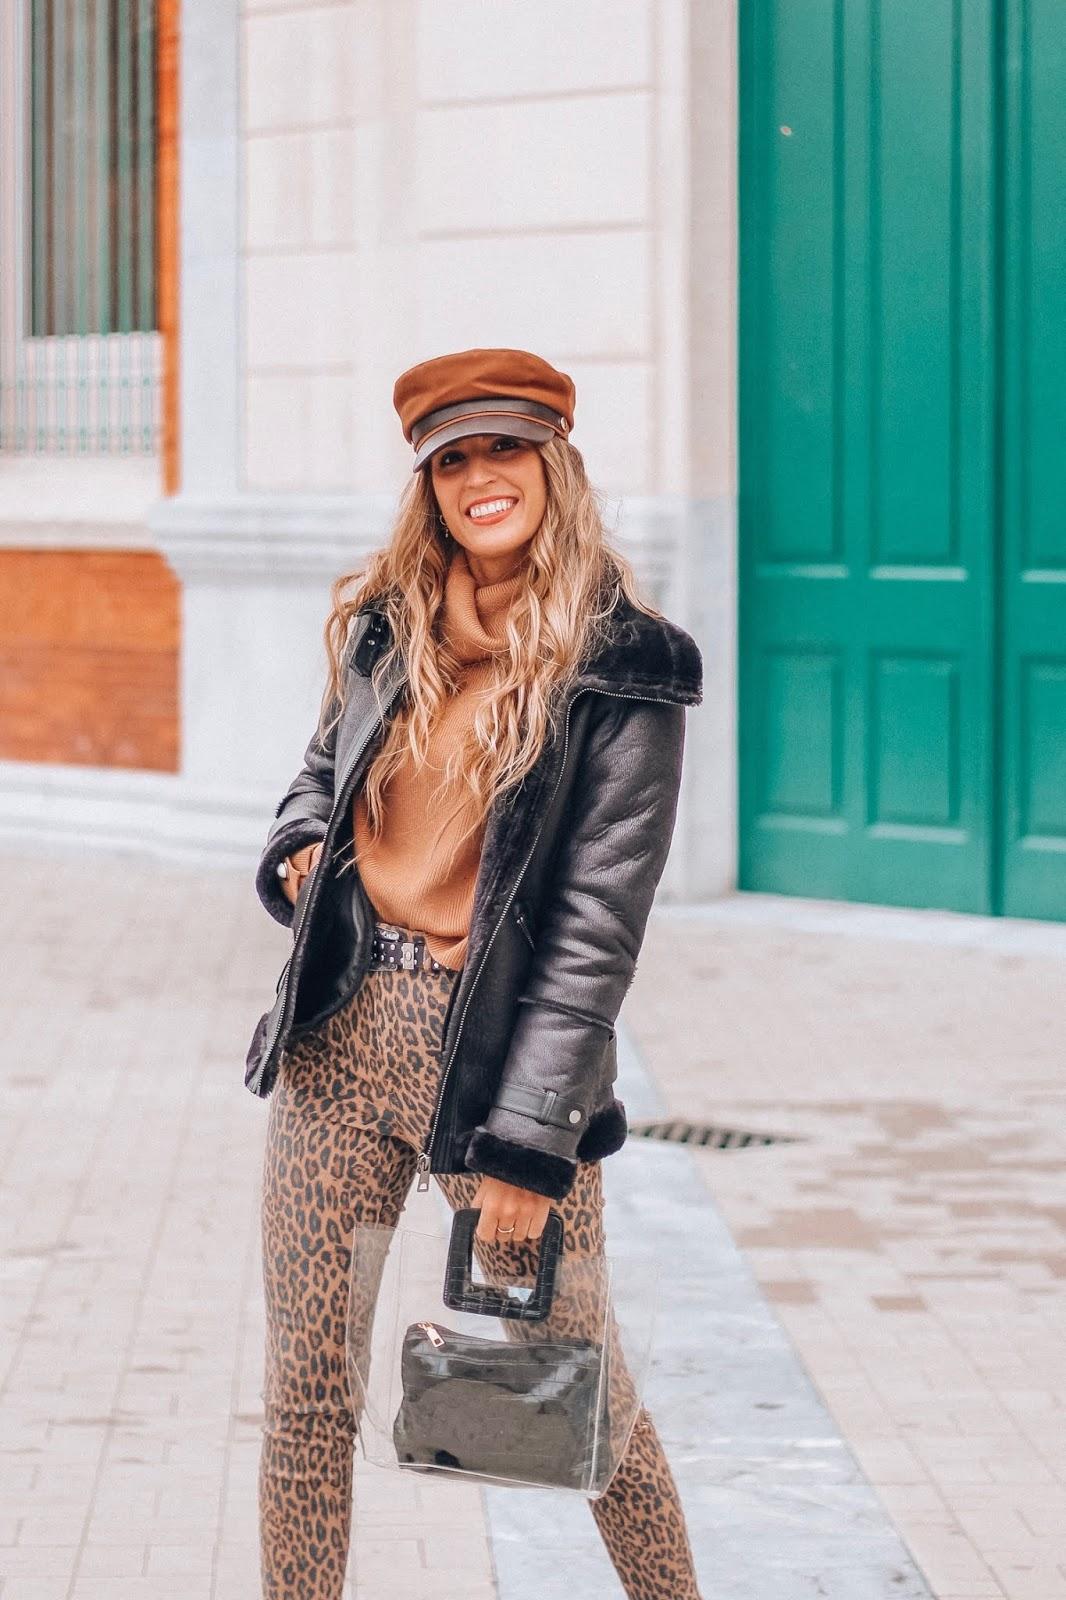 como llevar pantalones de leopardo